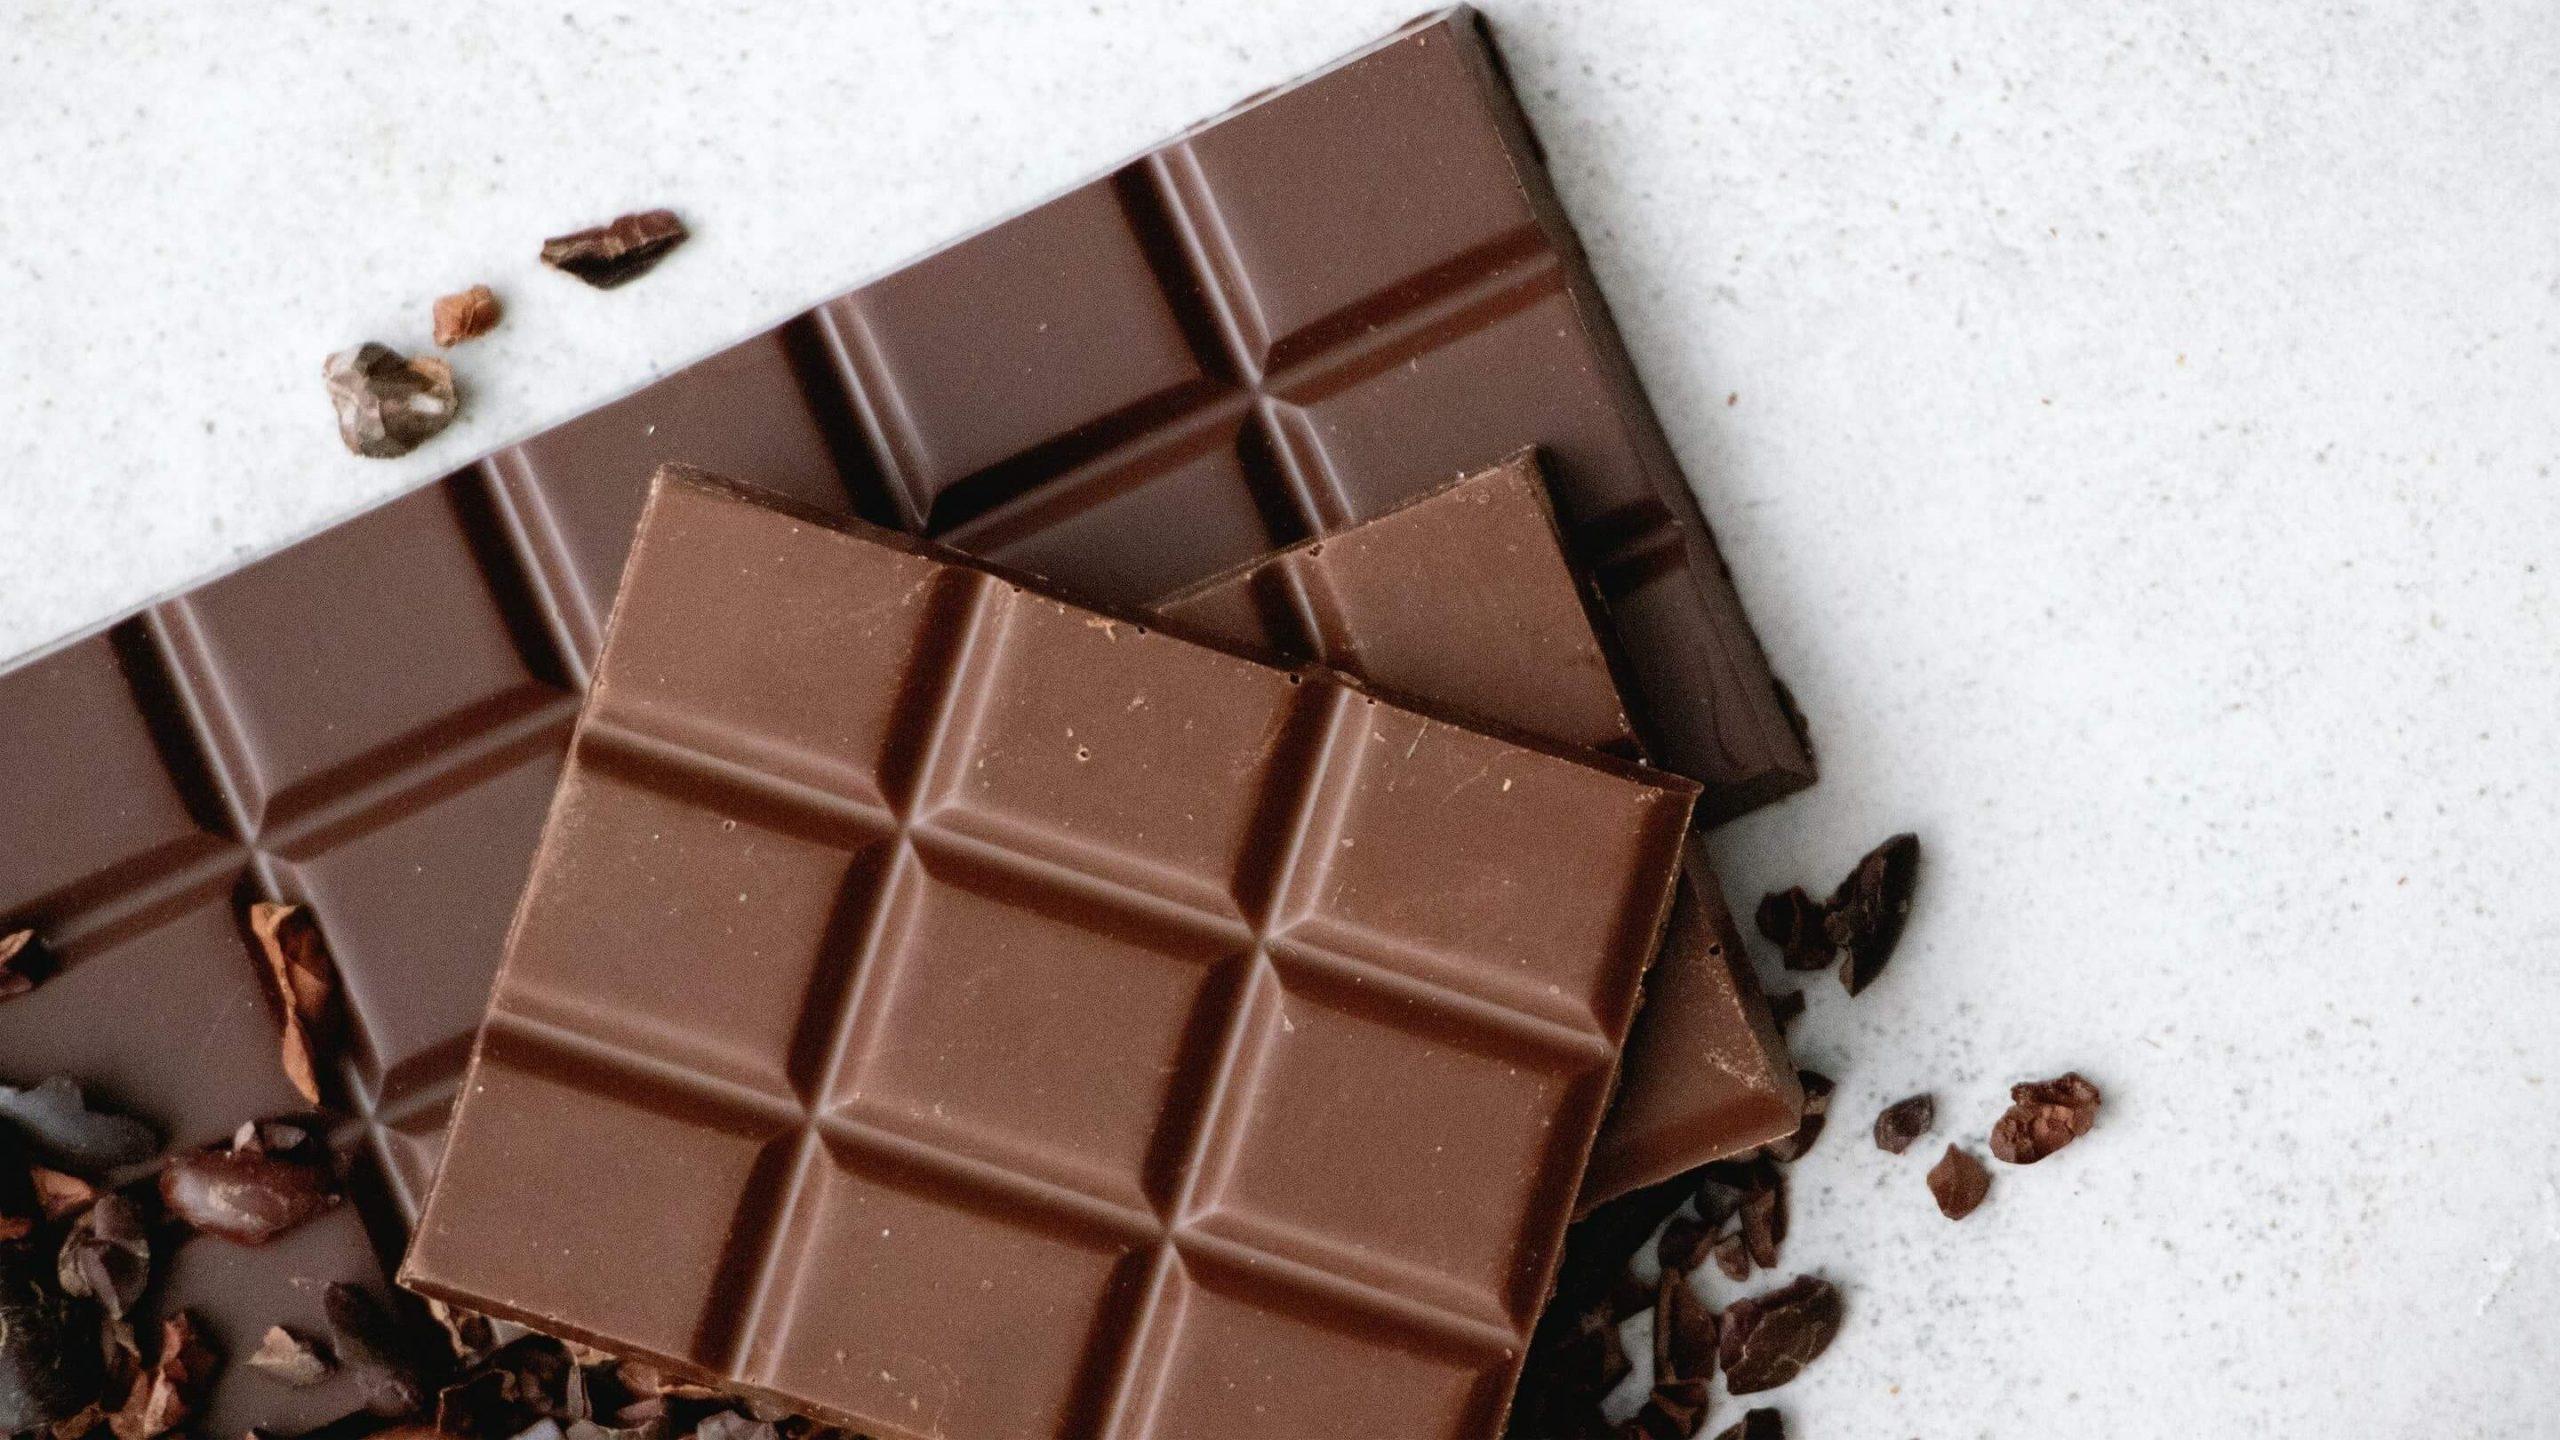 Alimentos que causam espinhas: chocolate